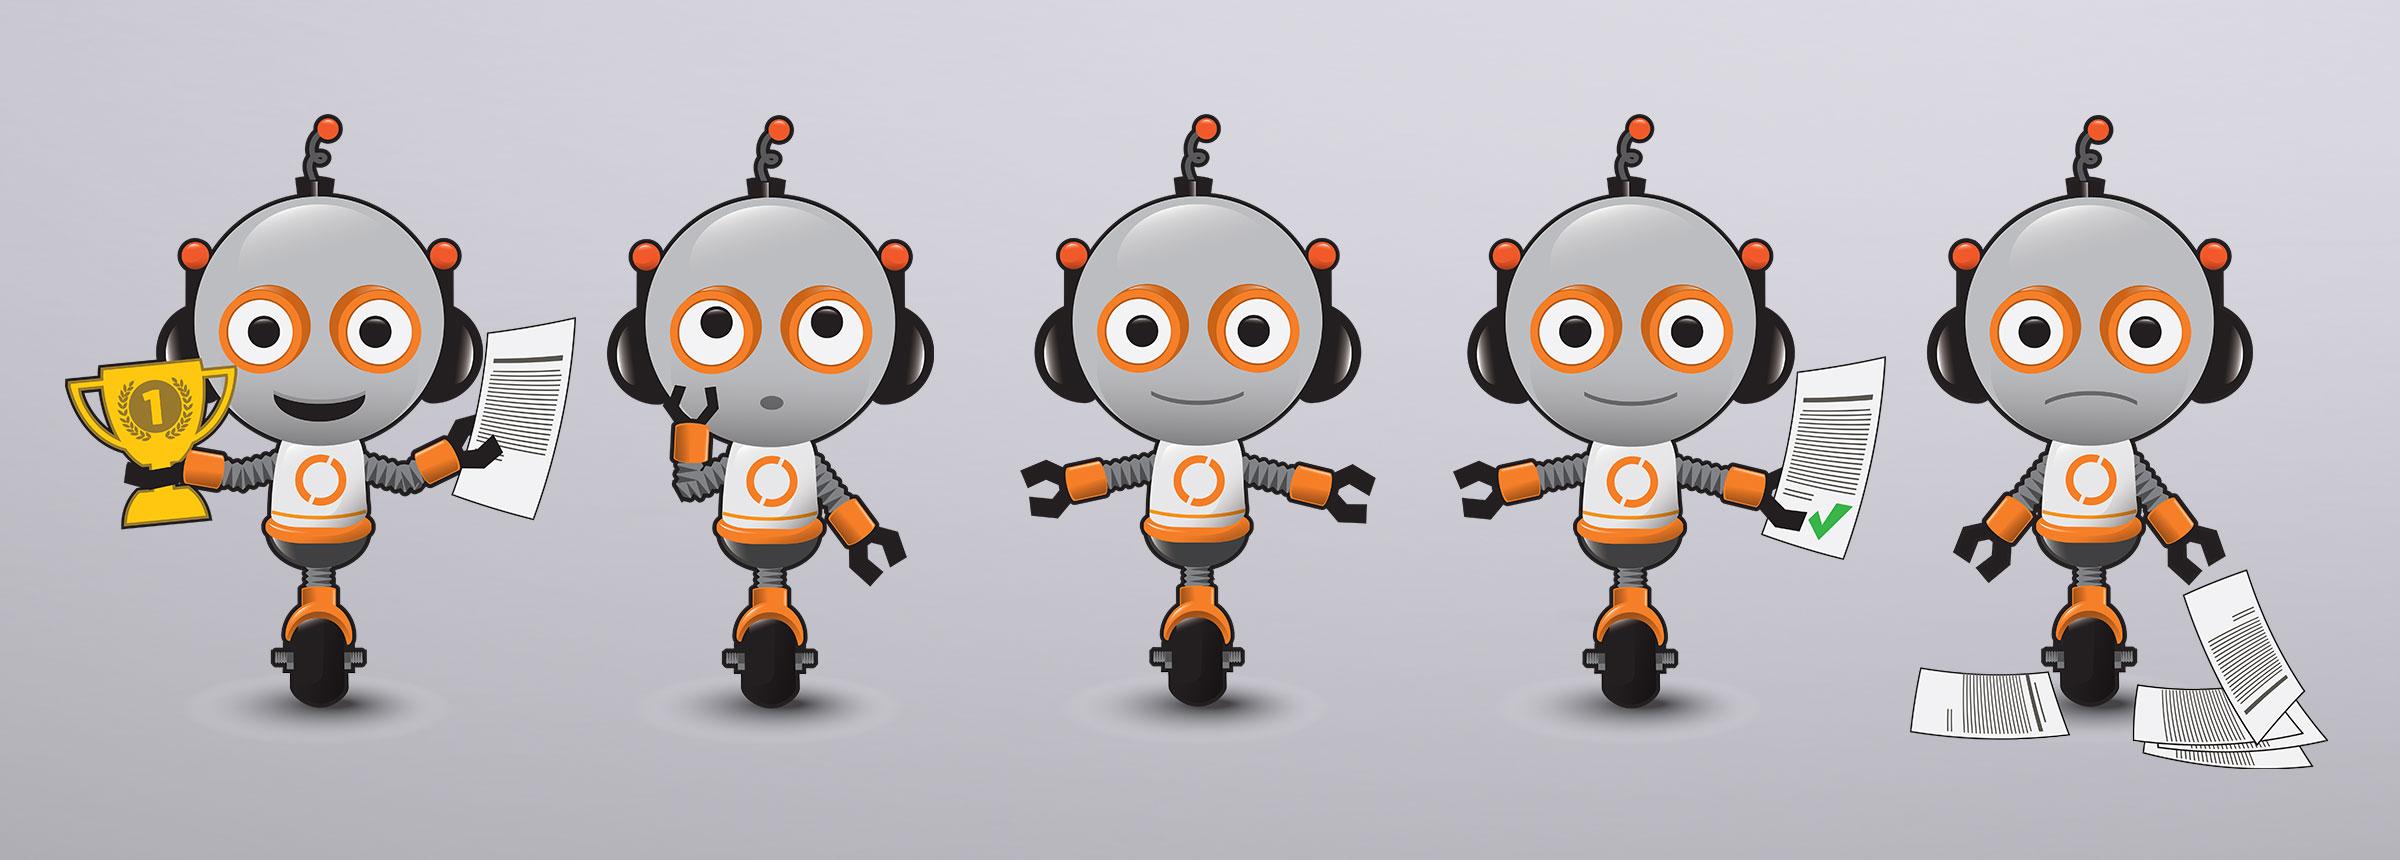 Primetals avatar illustration